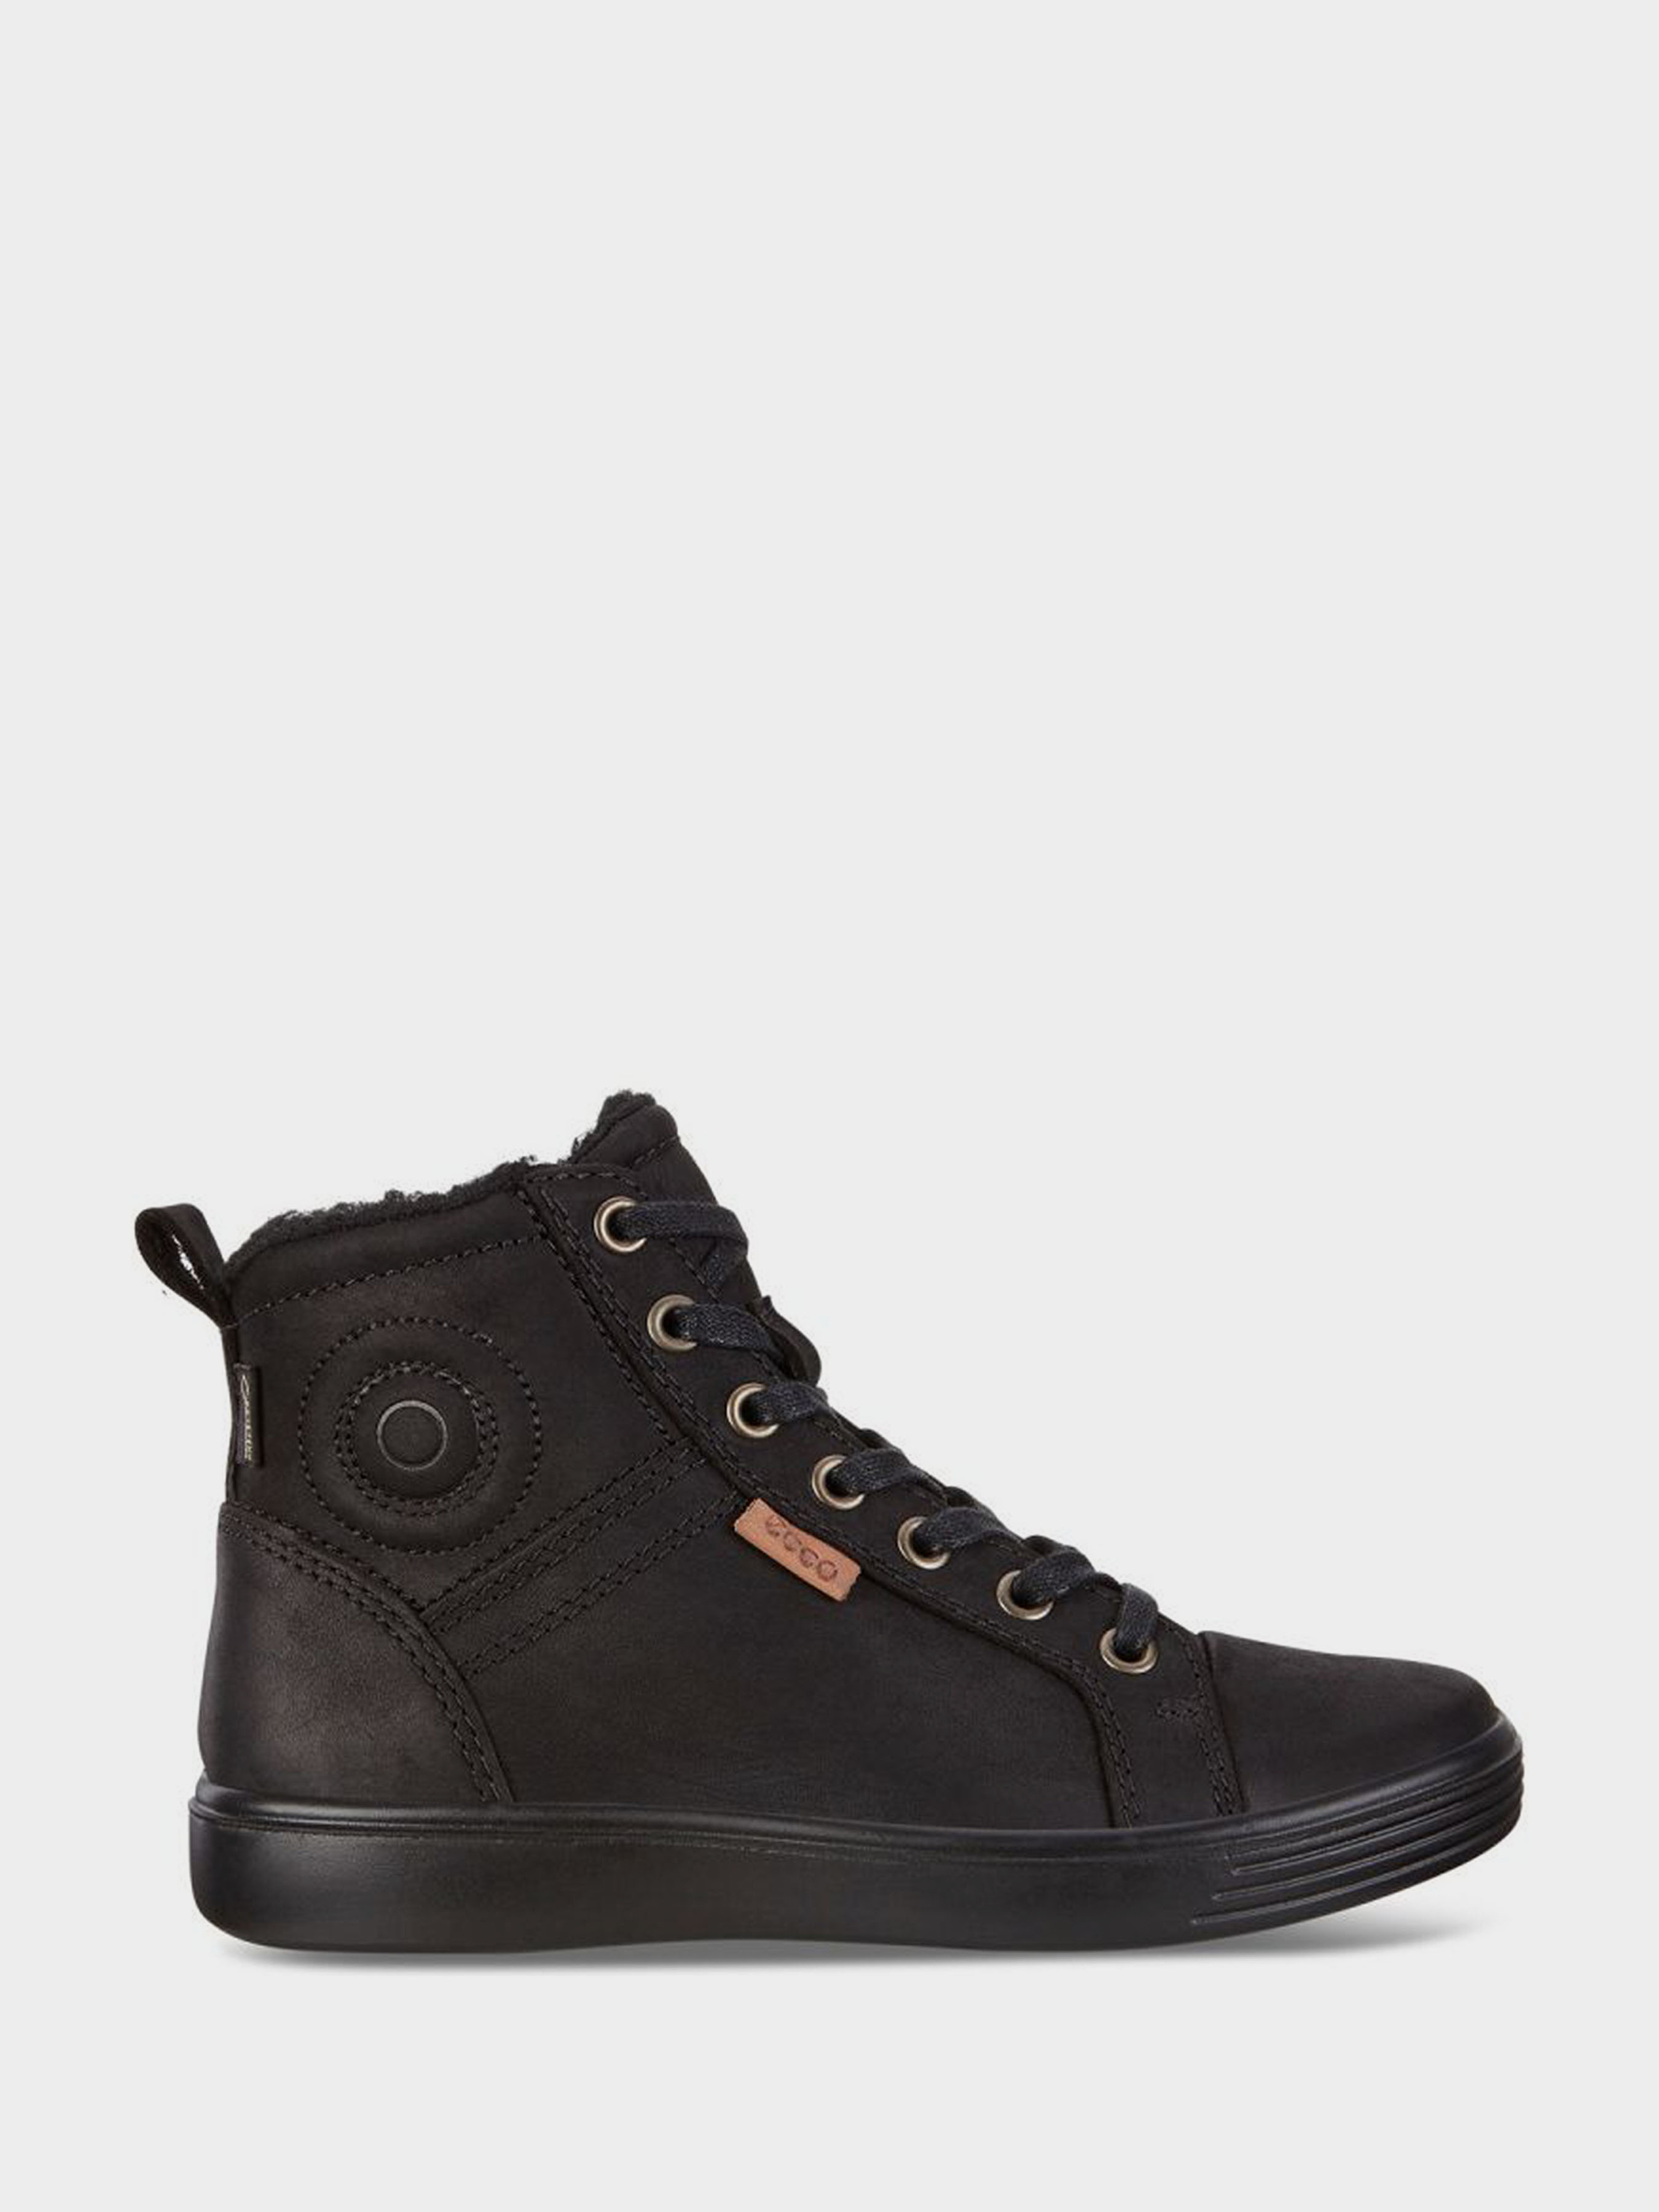 Ботинки для детей ECCO S7 TEEN ZK3302 стоимость, 2017